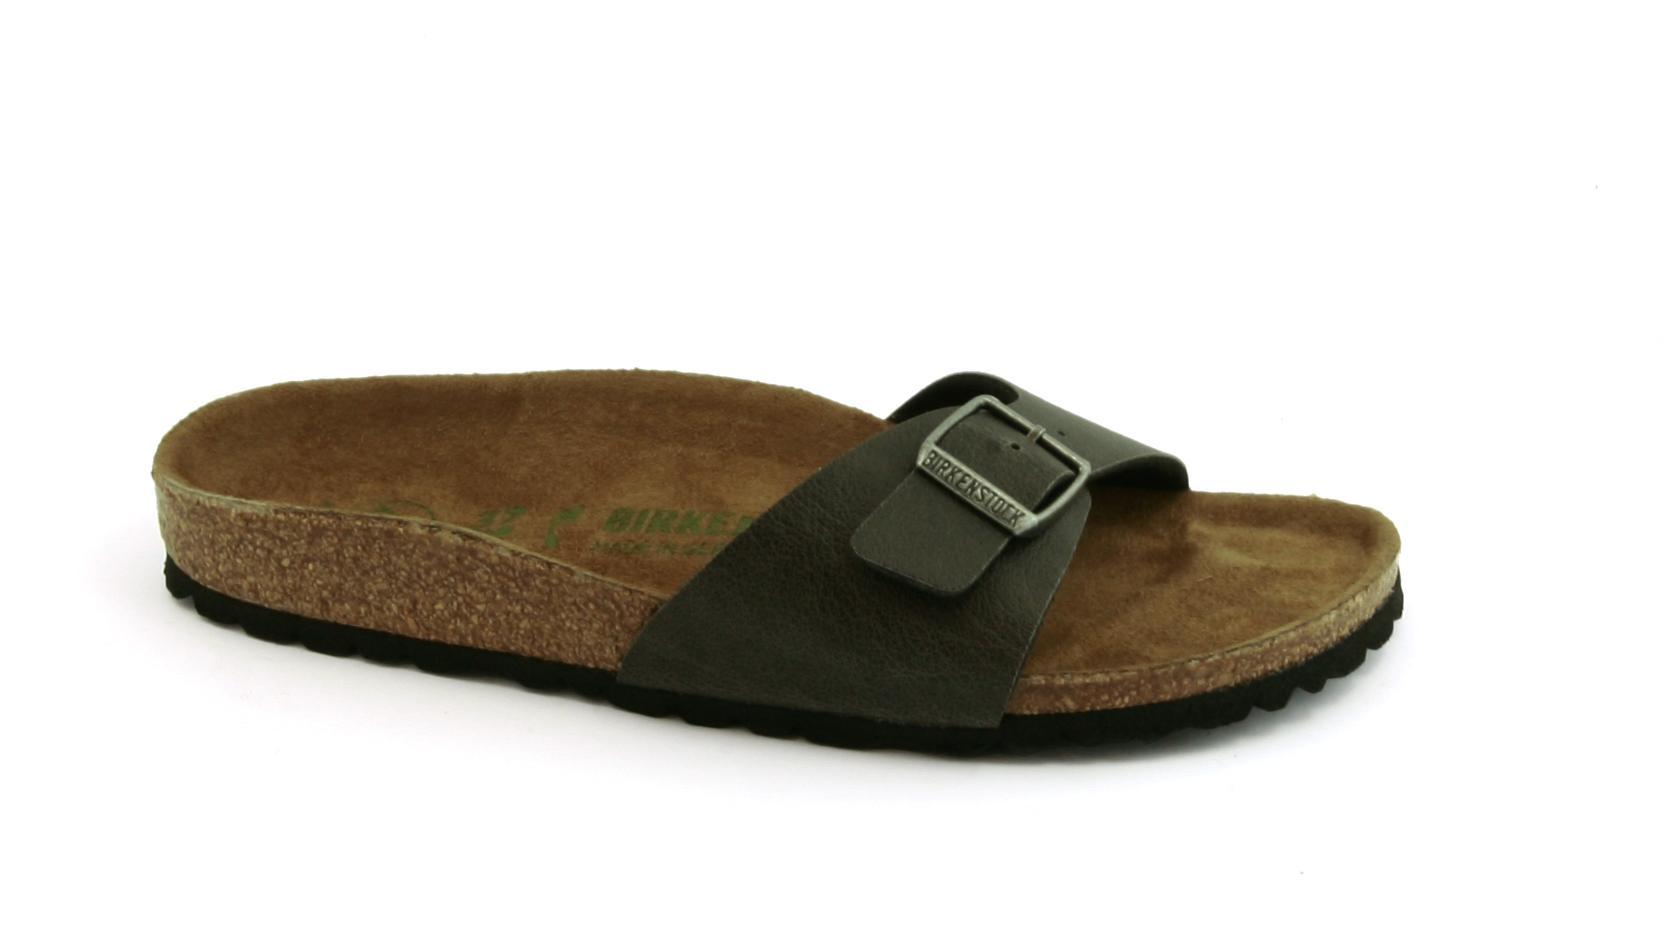 5350a6685a9b99 BIRKENSTOCK Madrid BS Hausschuhe Frauen schnallen vegane Schuhe -  VeganShoes.it